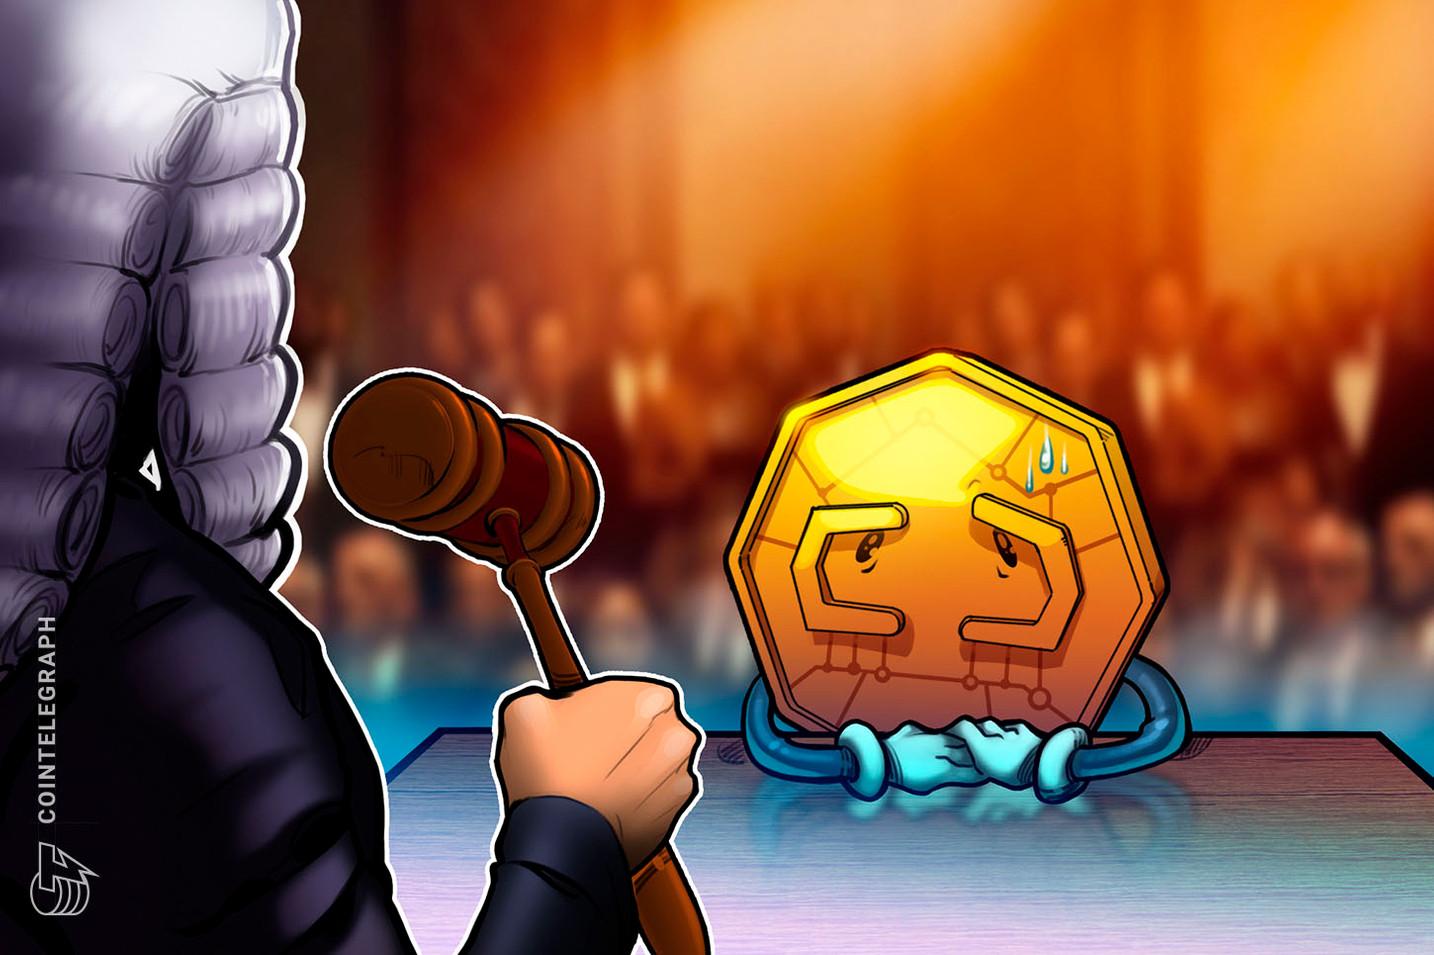 Dommer skjelner BitMEX-søksmålssaksøkere for å tilby ham kryptoleksjoner